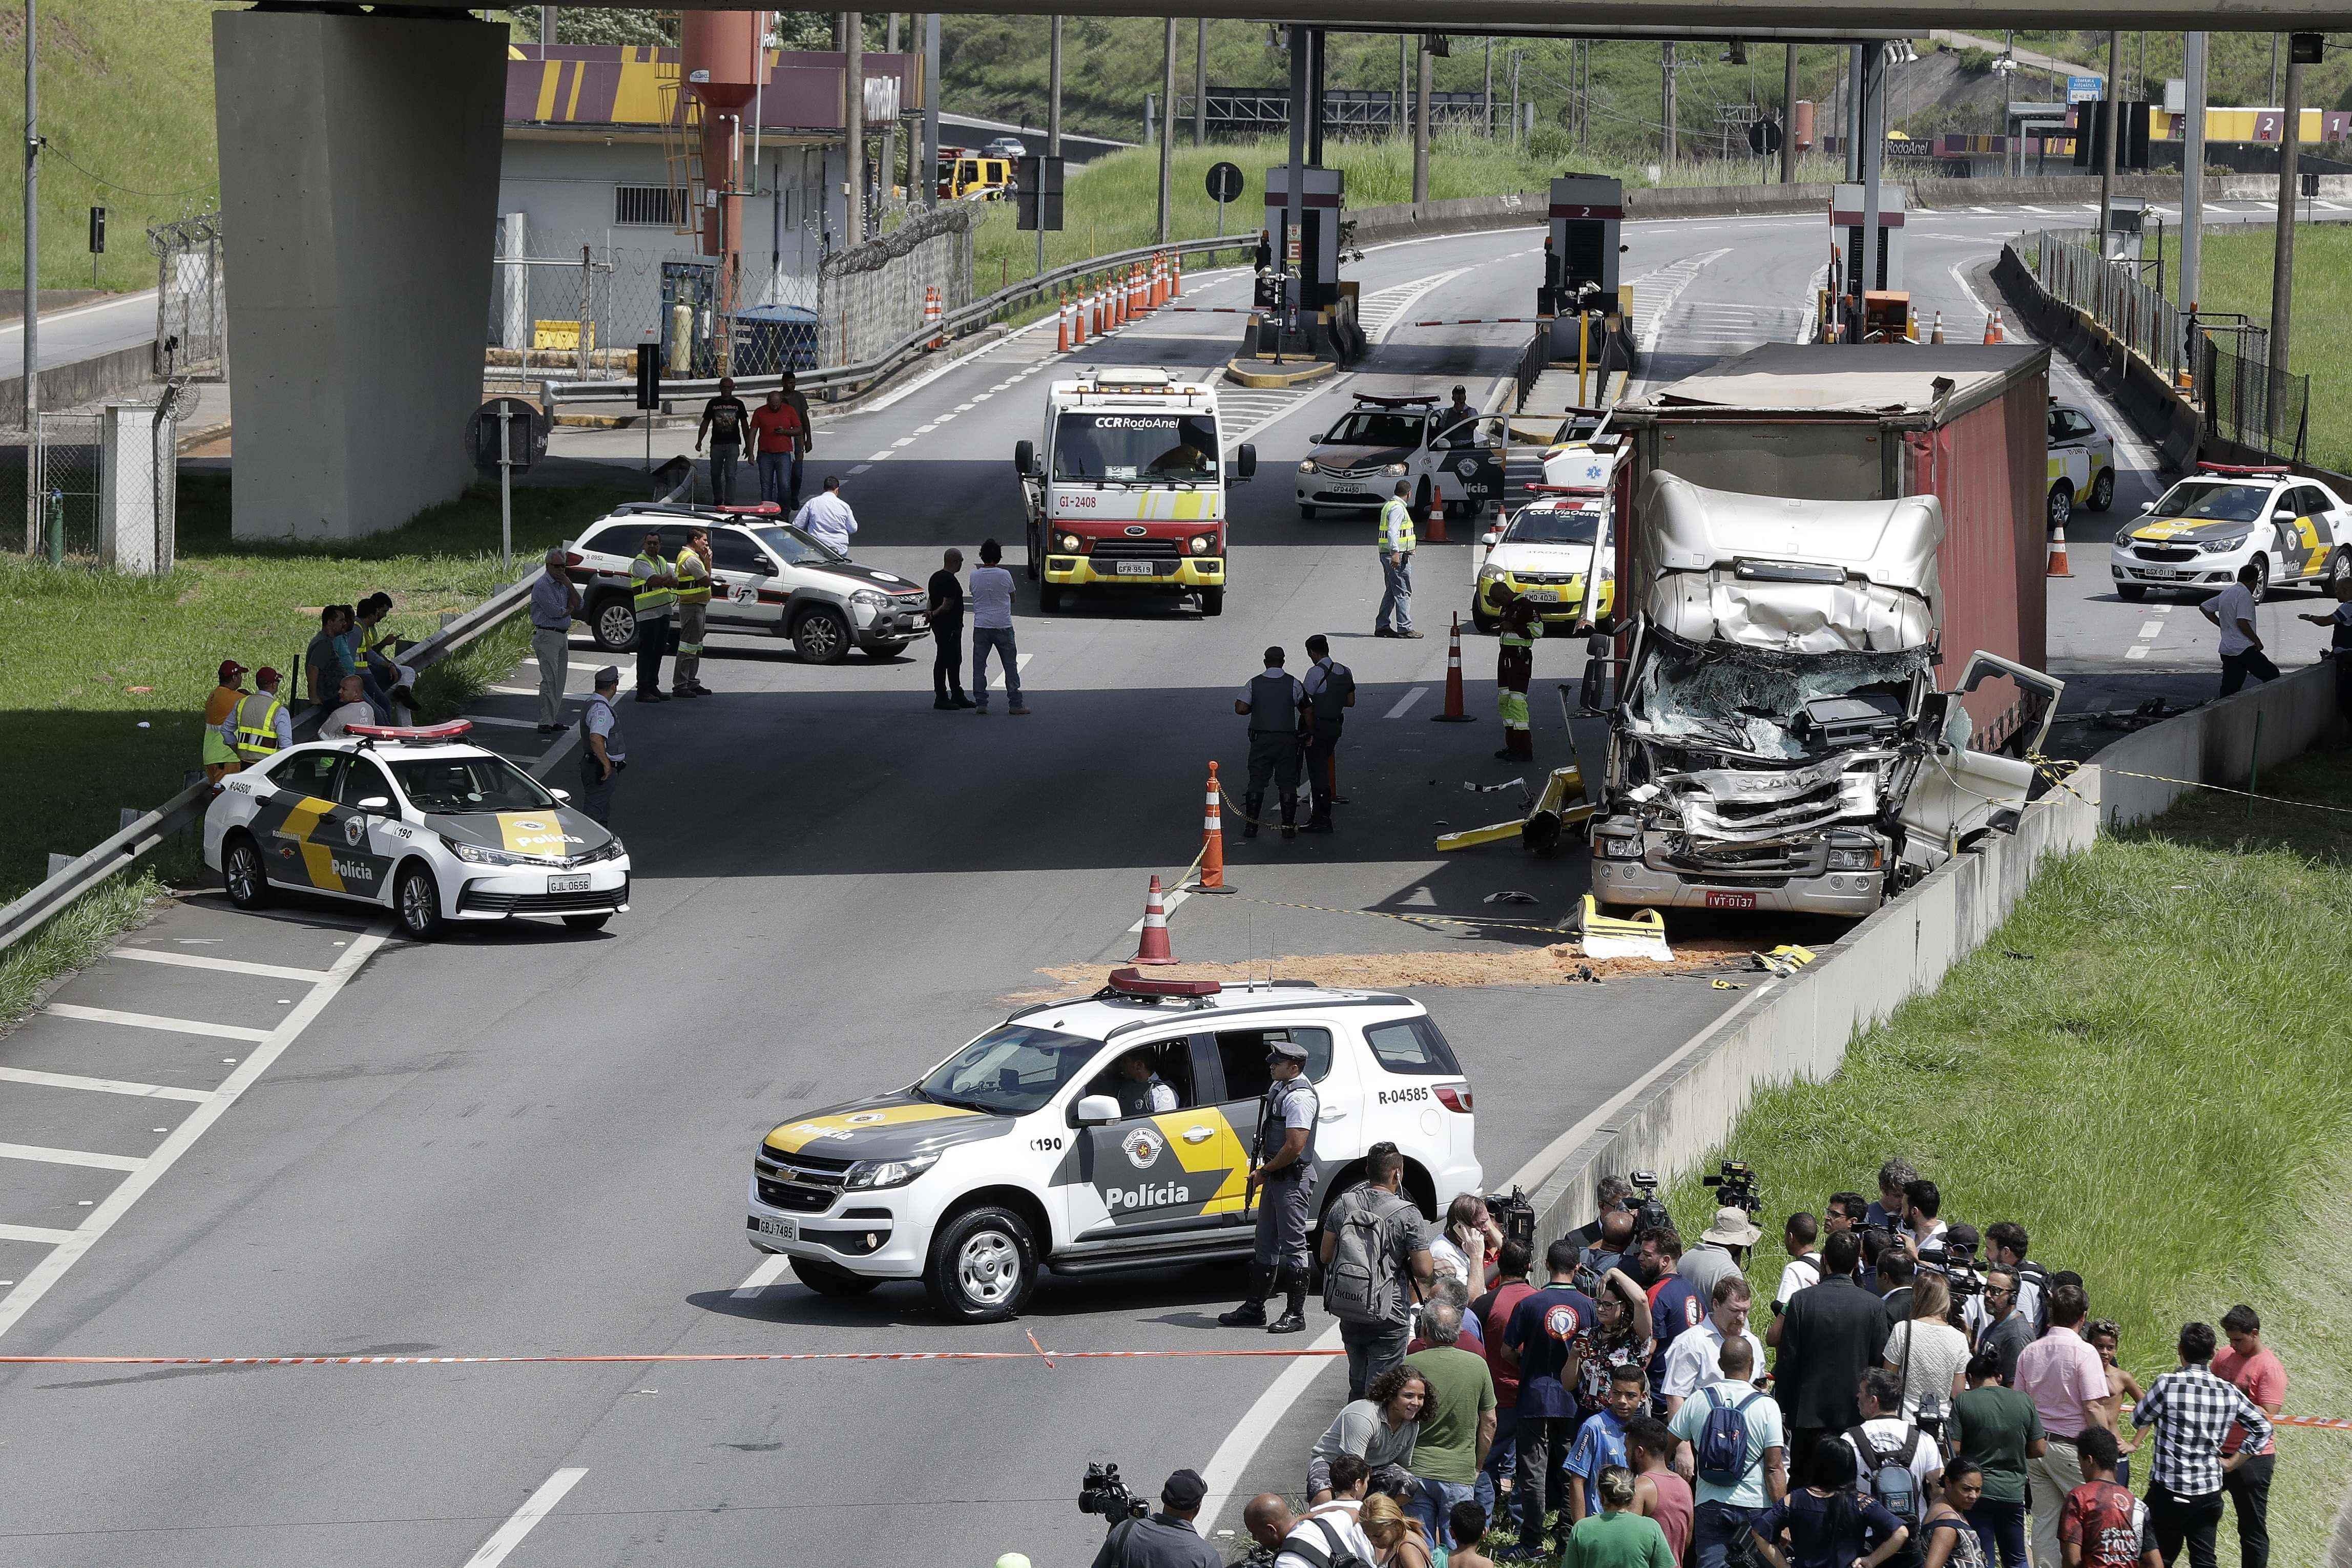 Murió el periodista brasileño Ricardo Boechat - Internacionales